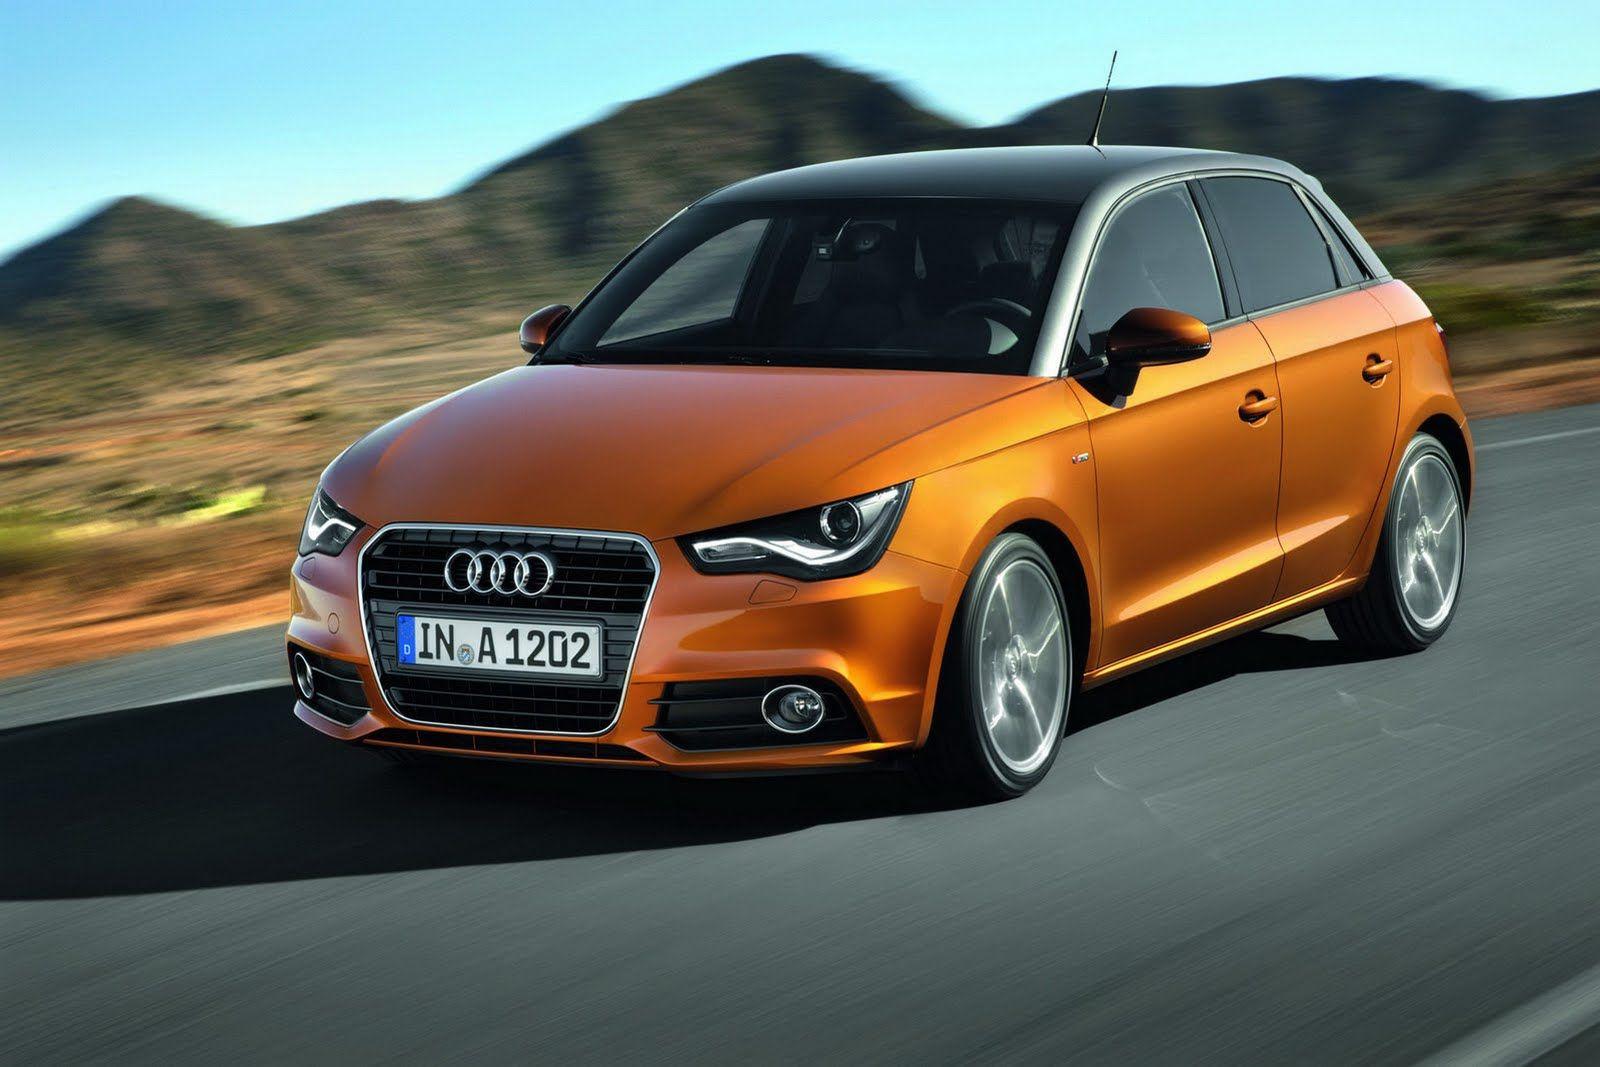 Audi A1 Gold Audi A1 Audi A1 Sportback Audi